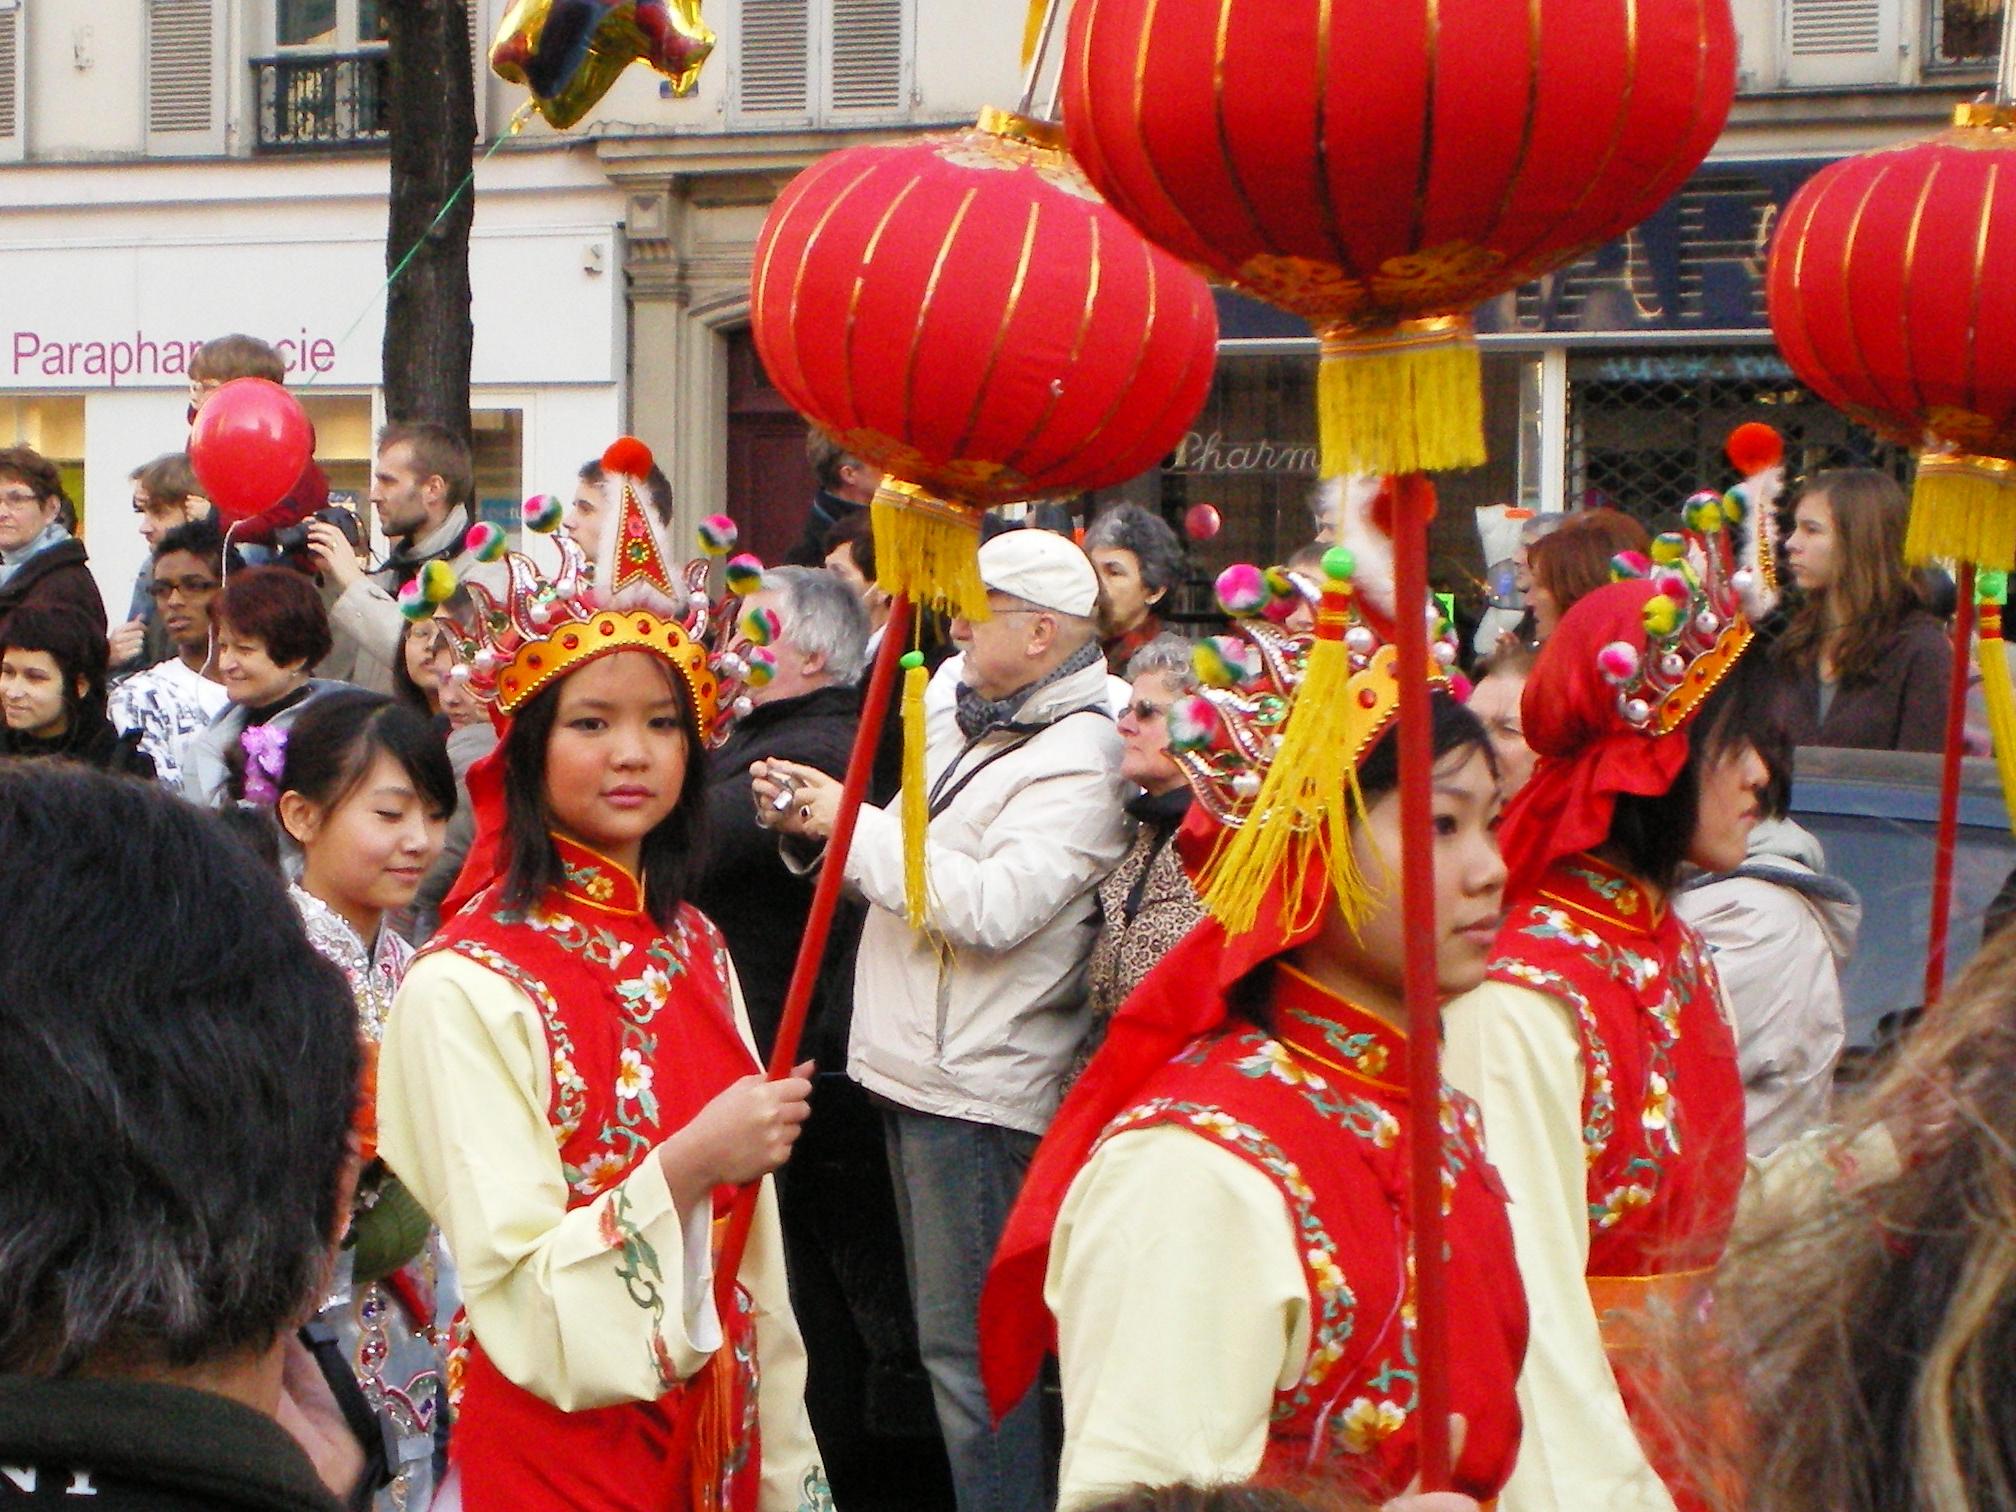 filechinese new year paris 2008 2366072157jpg - Chinese New Year 2008